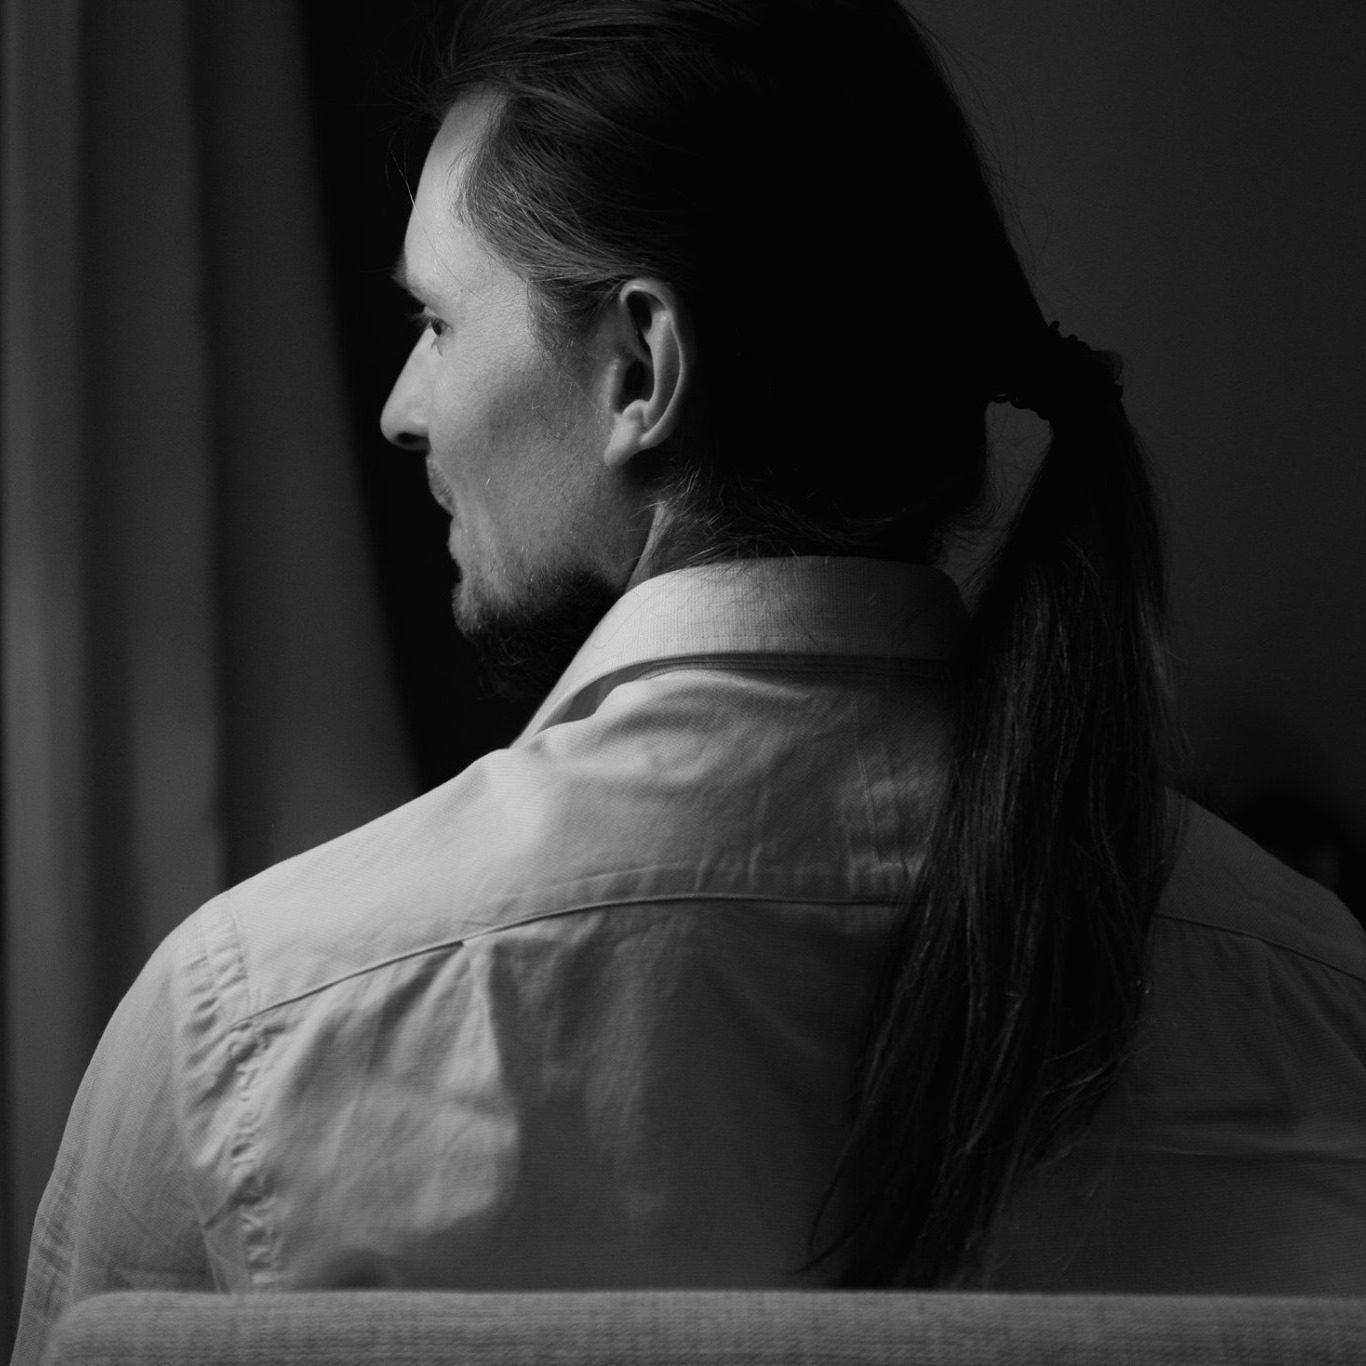 illia eremenko - <b>Самотність у фб.</b> Чому в соцмережах люди почуваються нещасними - Заборона